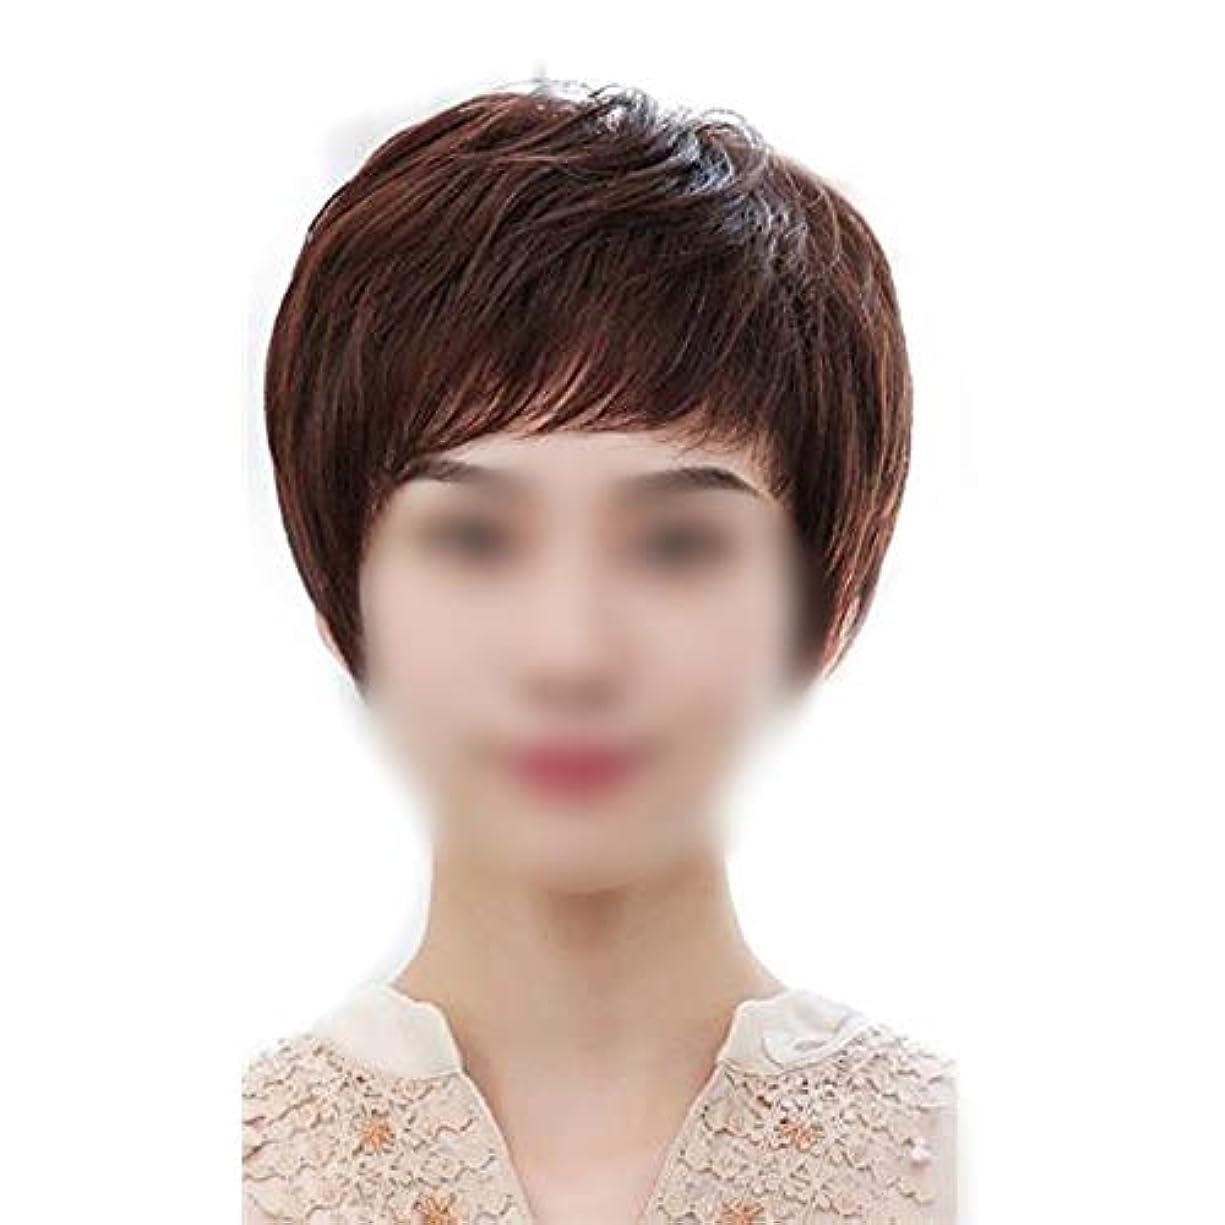 安定した保護する消去YOUQIU 中年ウィッグのために髪とふわふわふわふわライトショートストレート髪を持つ女性のフル手の手織りの針 (色 : Natural black)